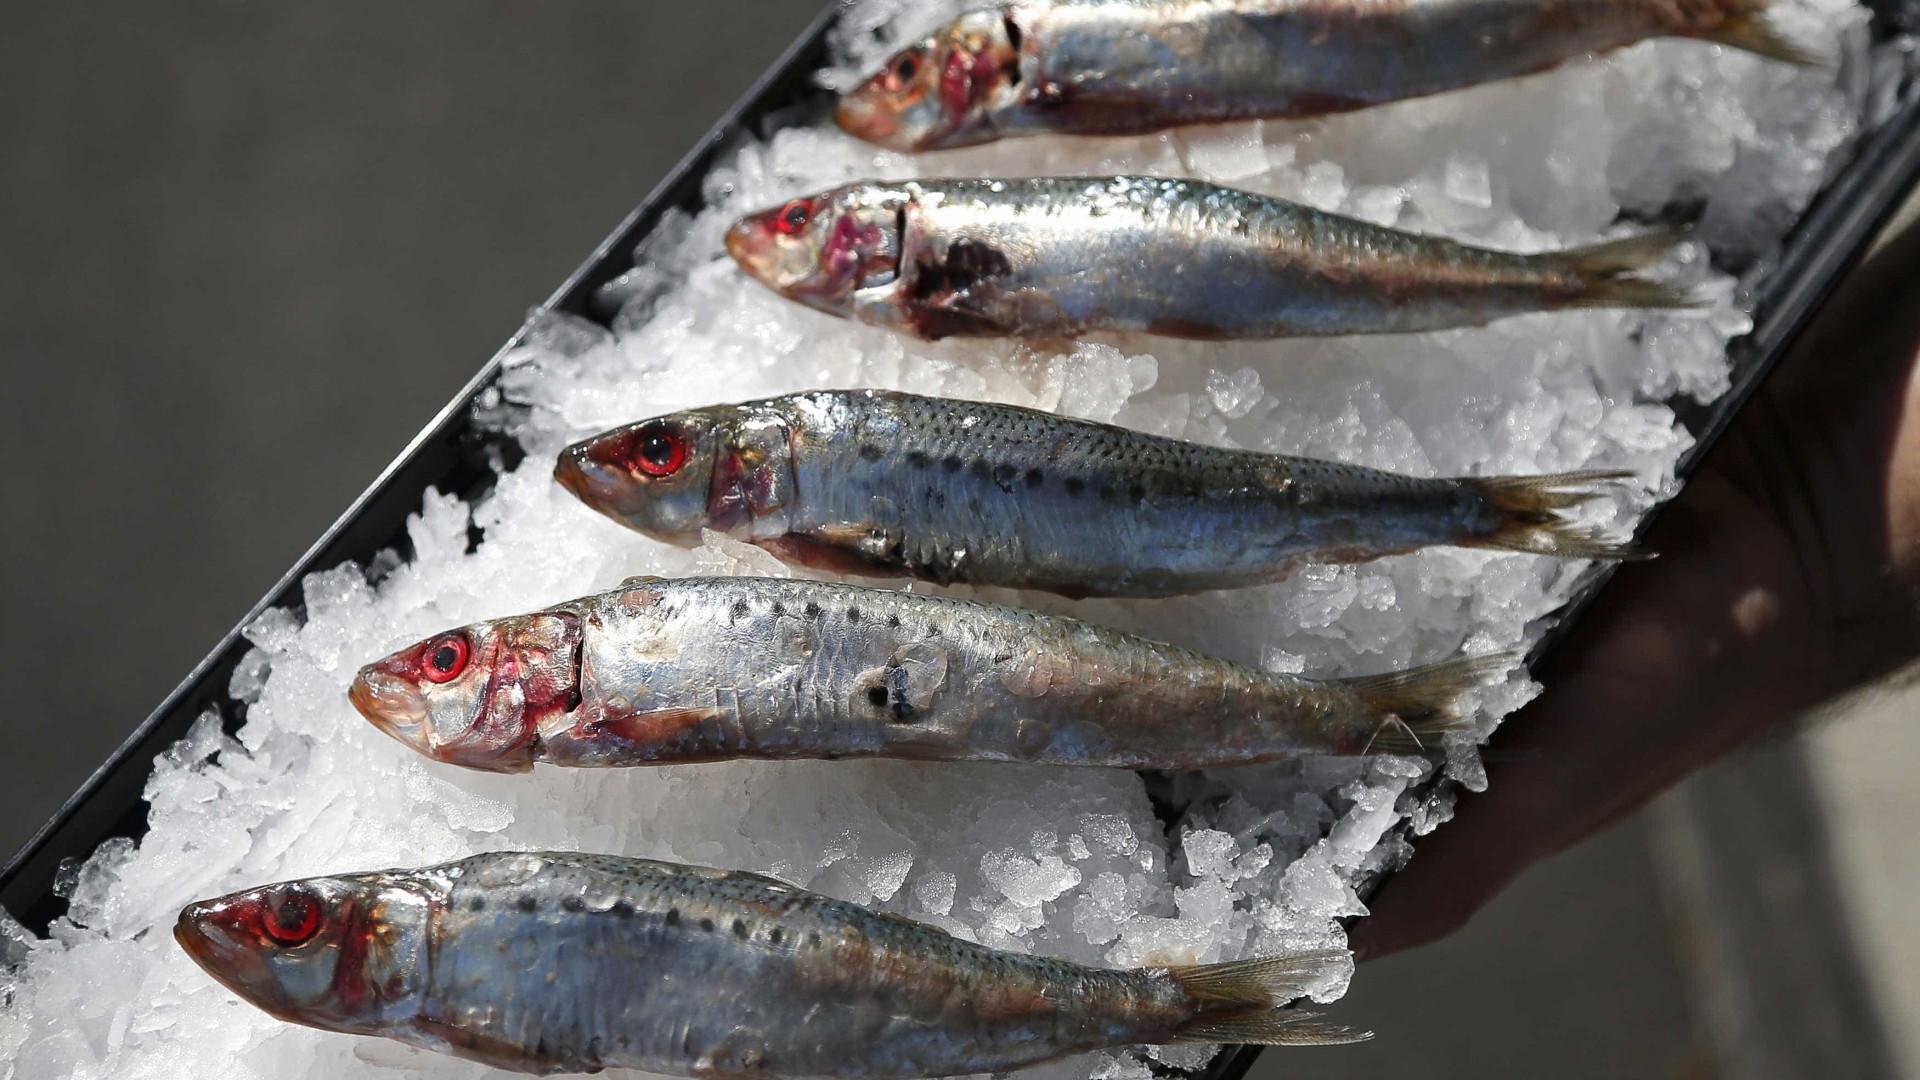 A partir de amanhã só se pode pescar sardinha até 150 quilos por dia